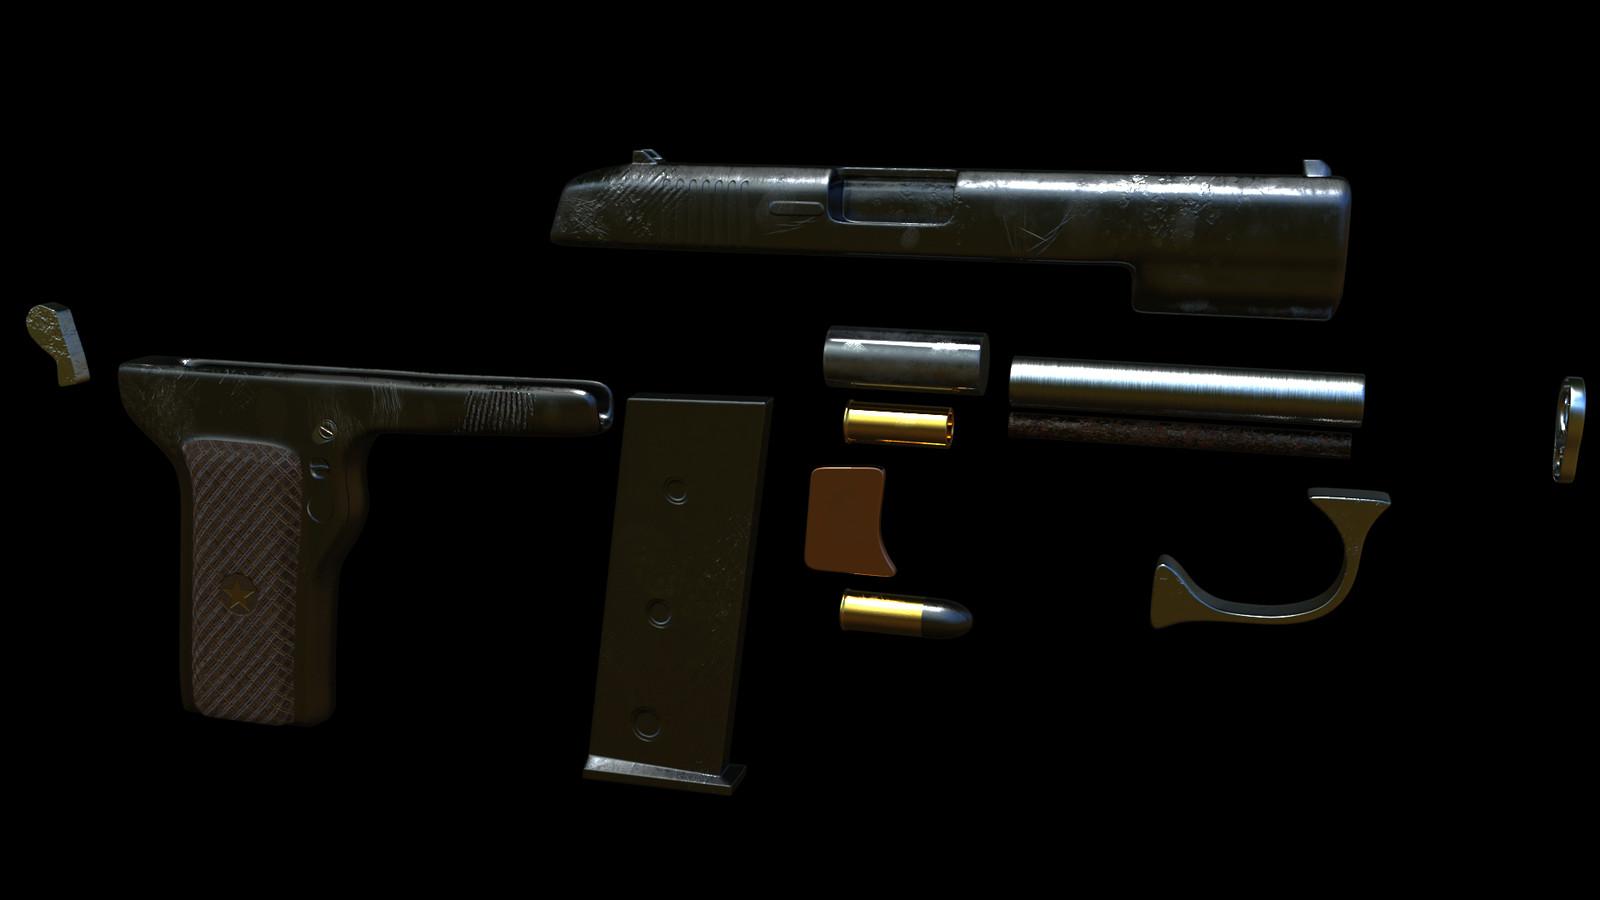 Quickly modelled baby's gun